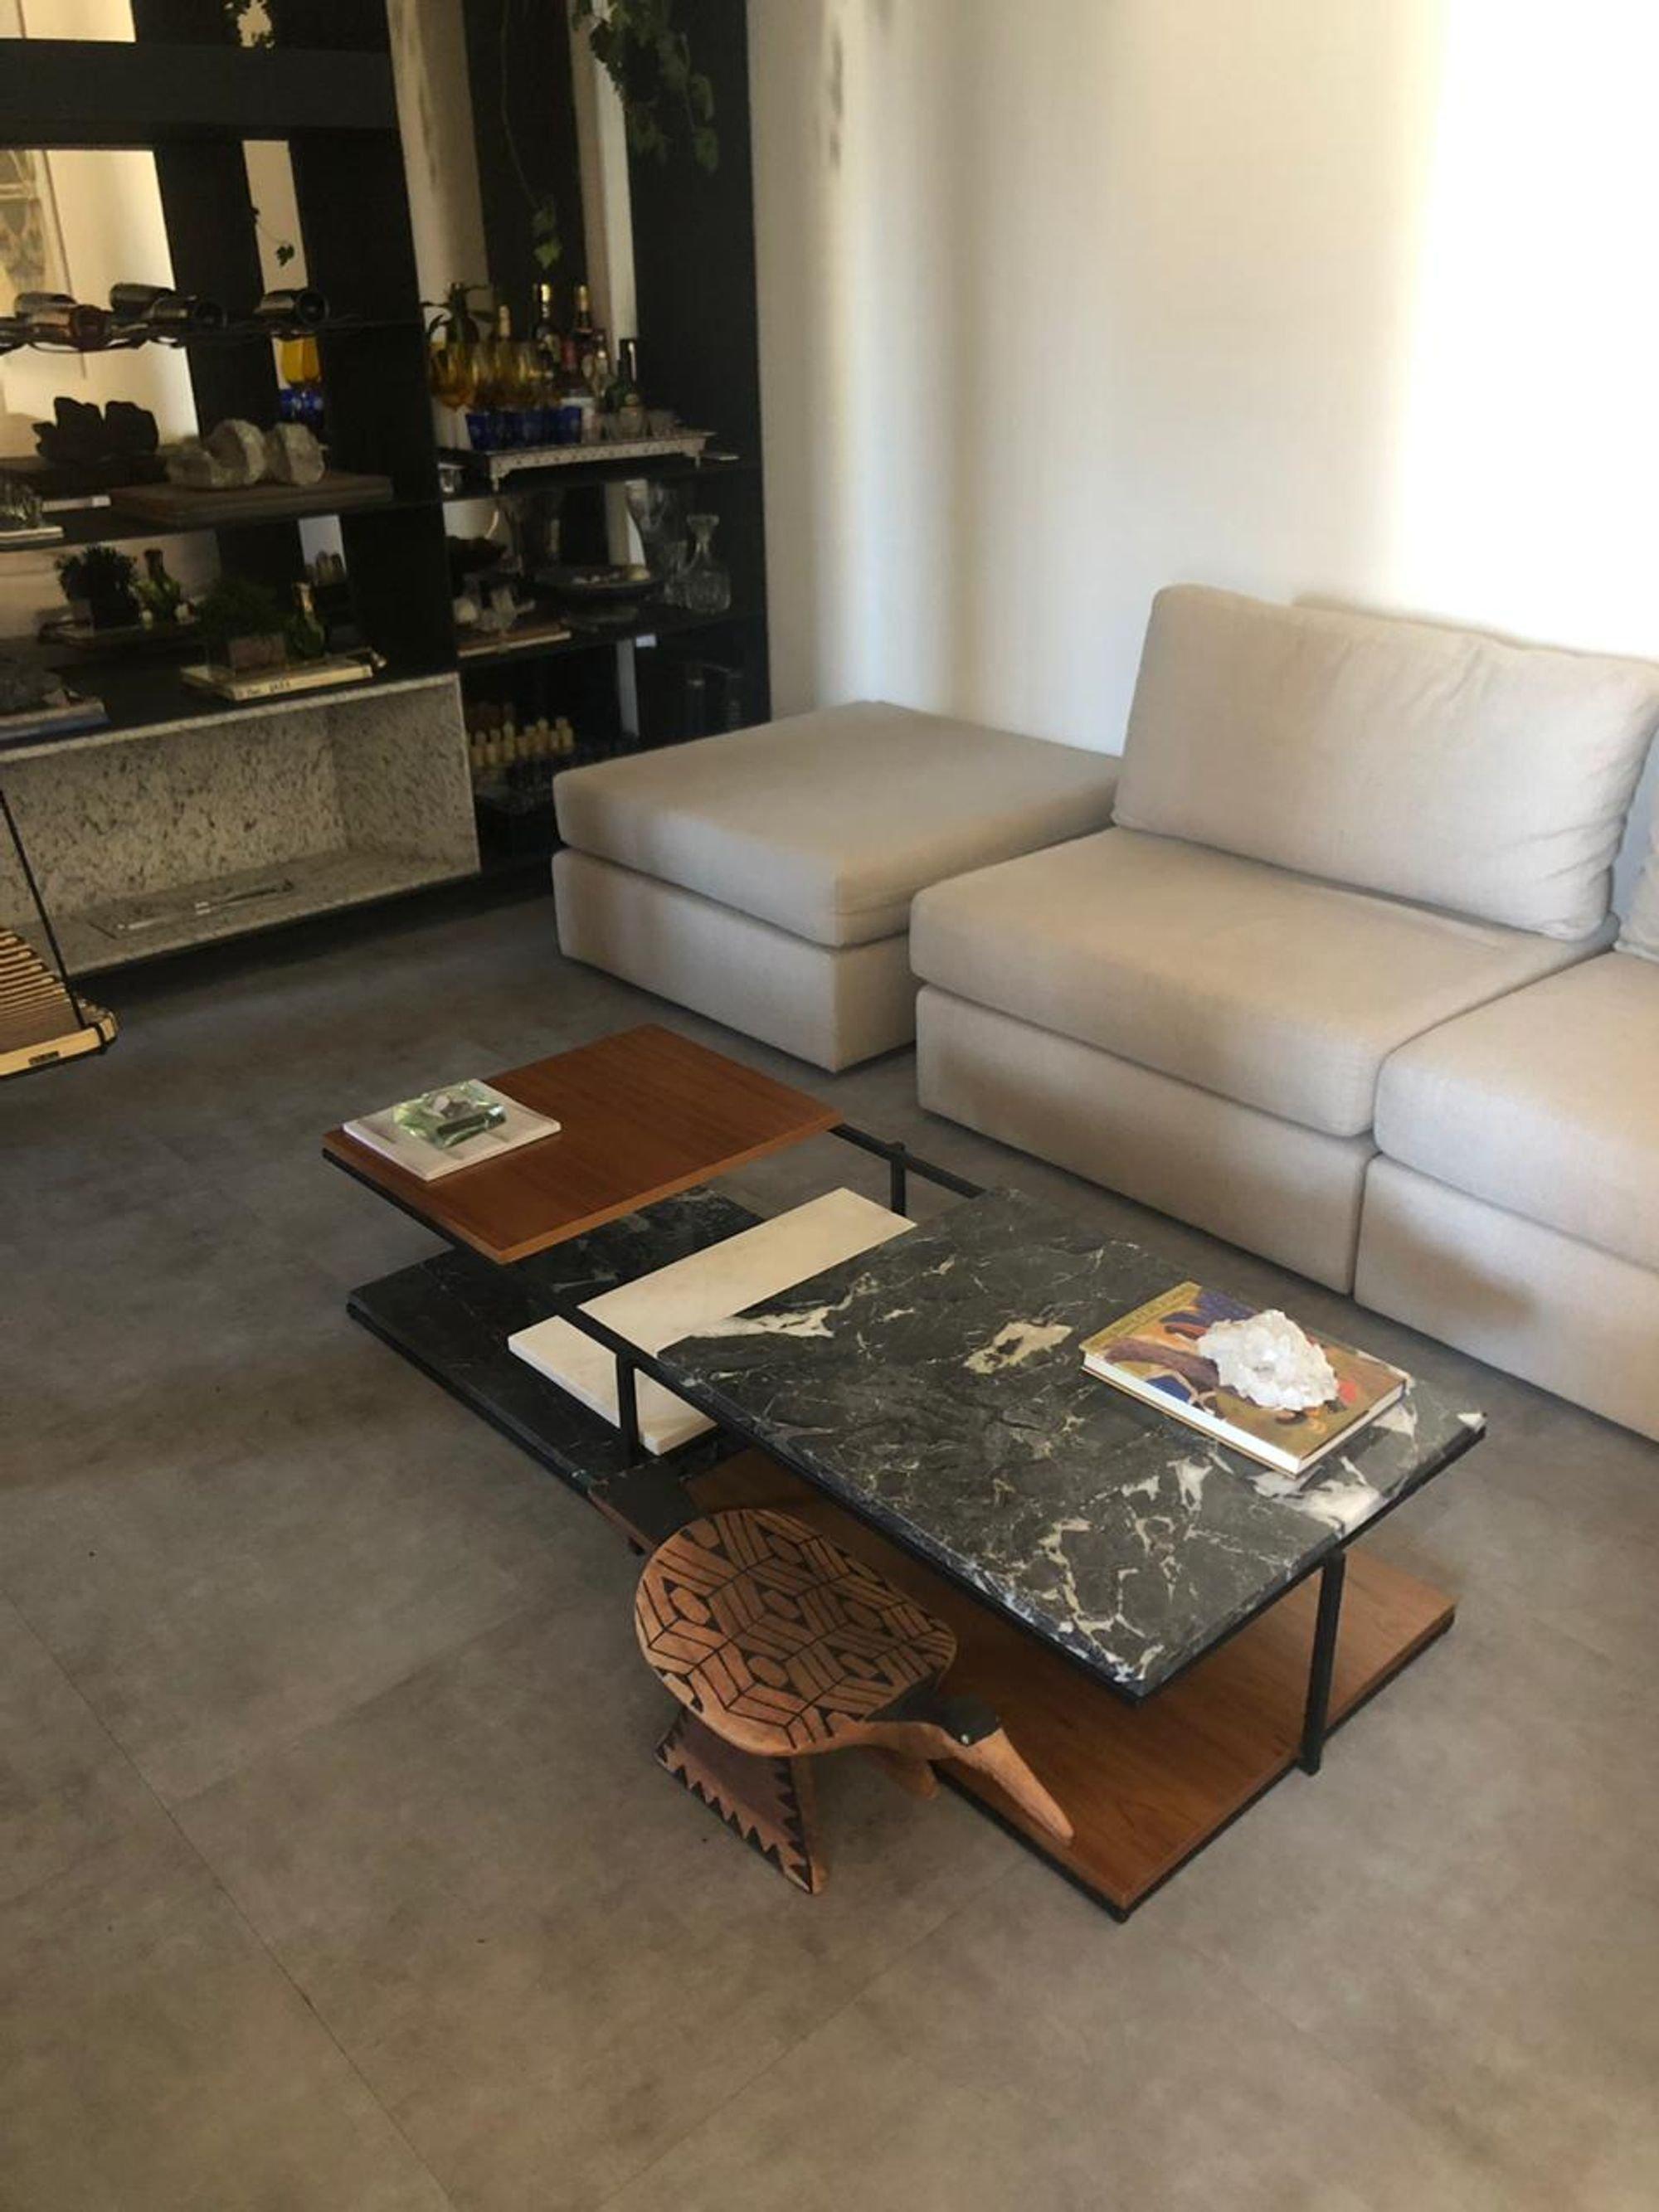 Foto de Sala com sofá, livro